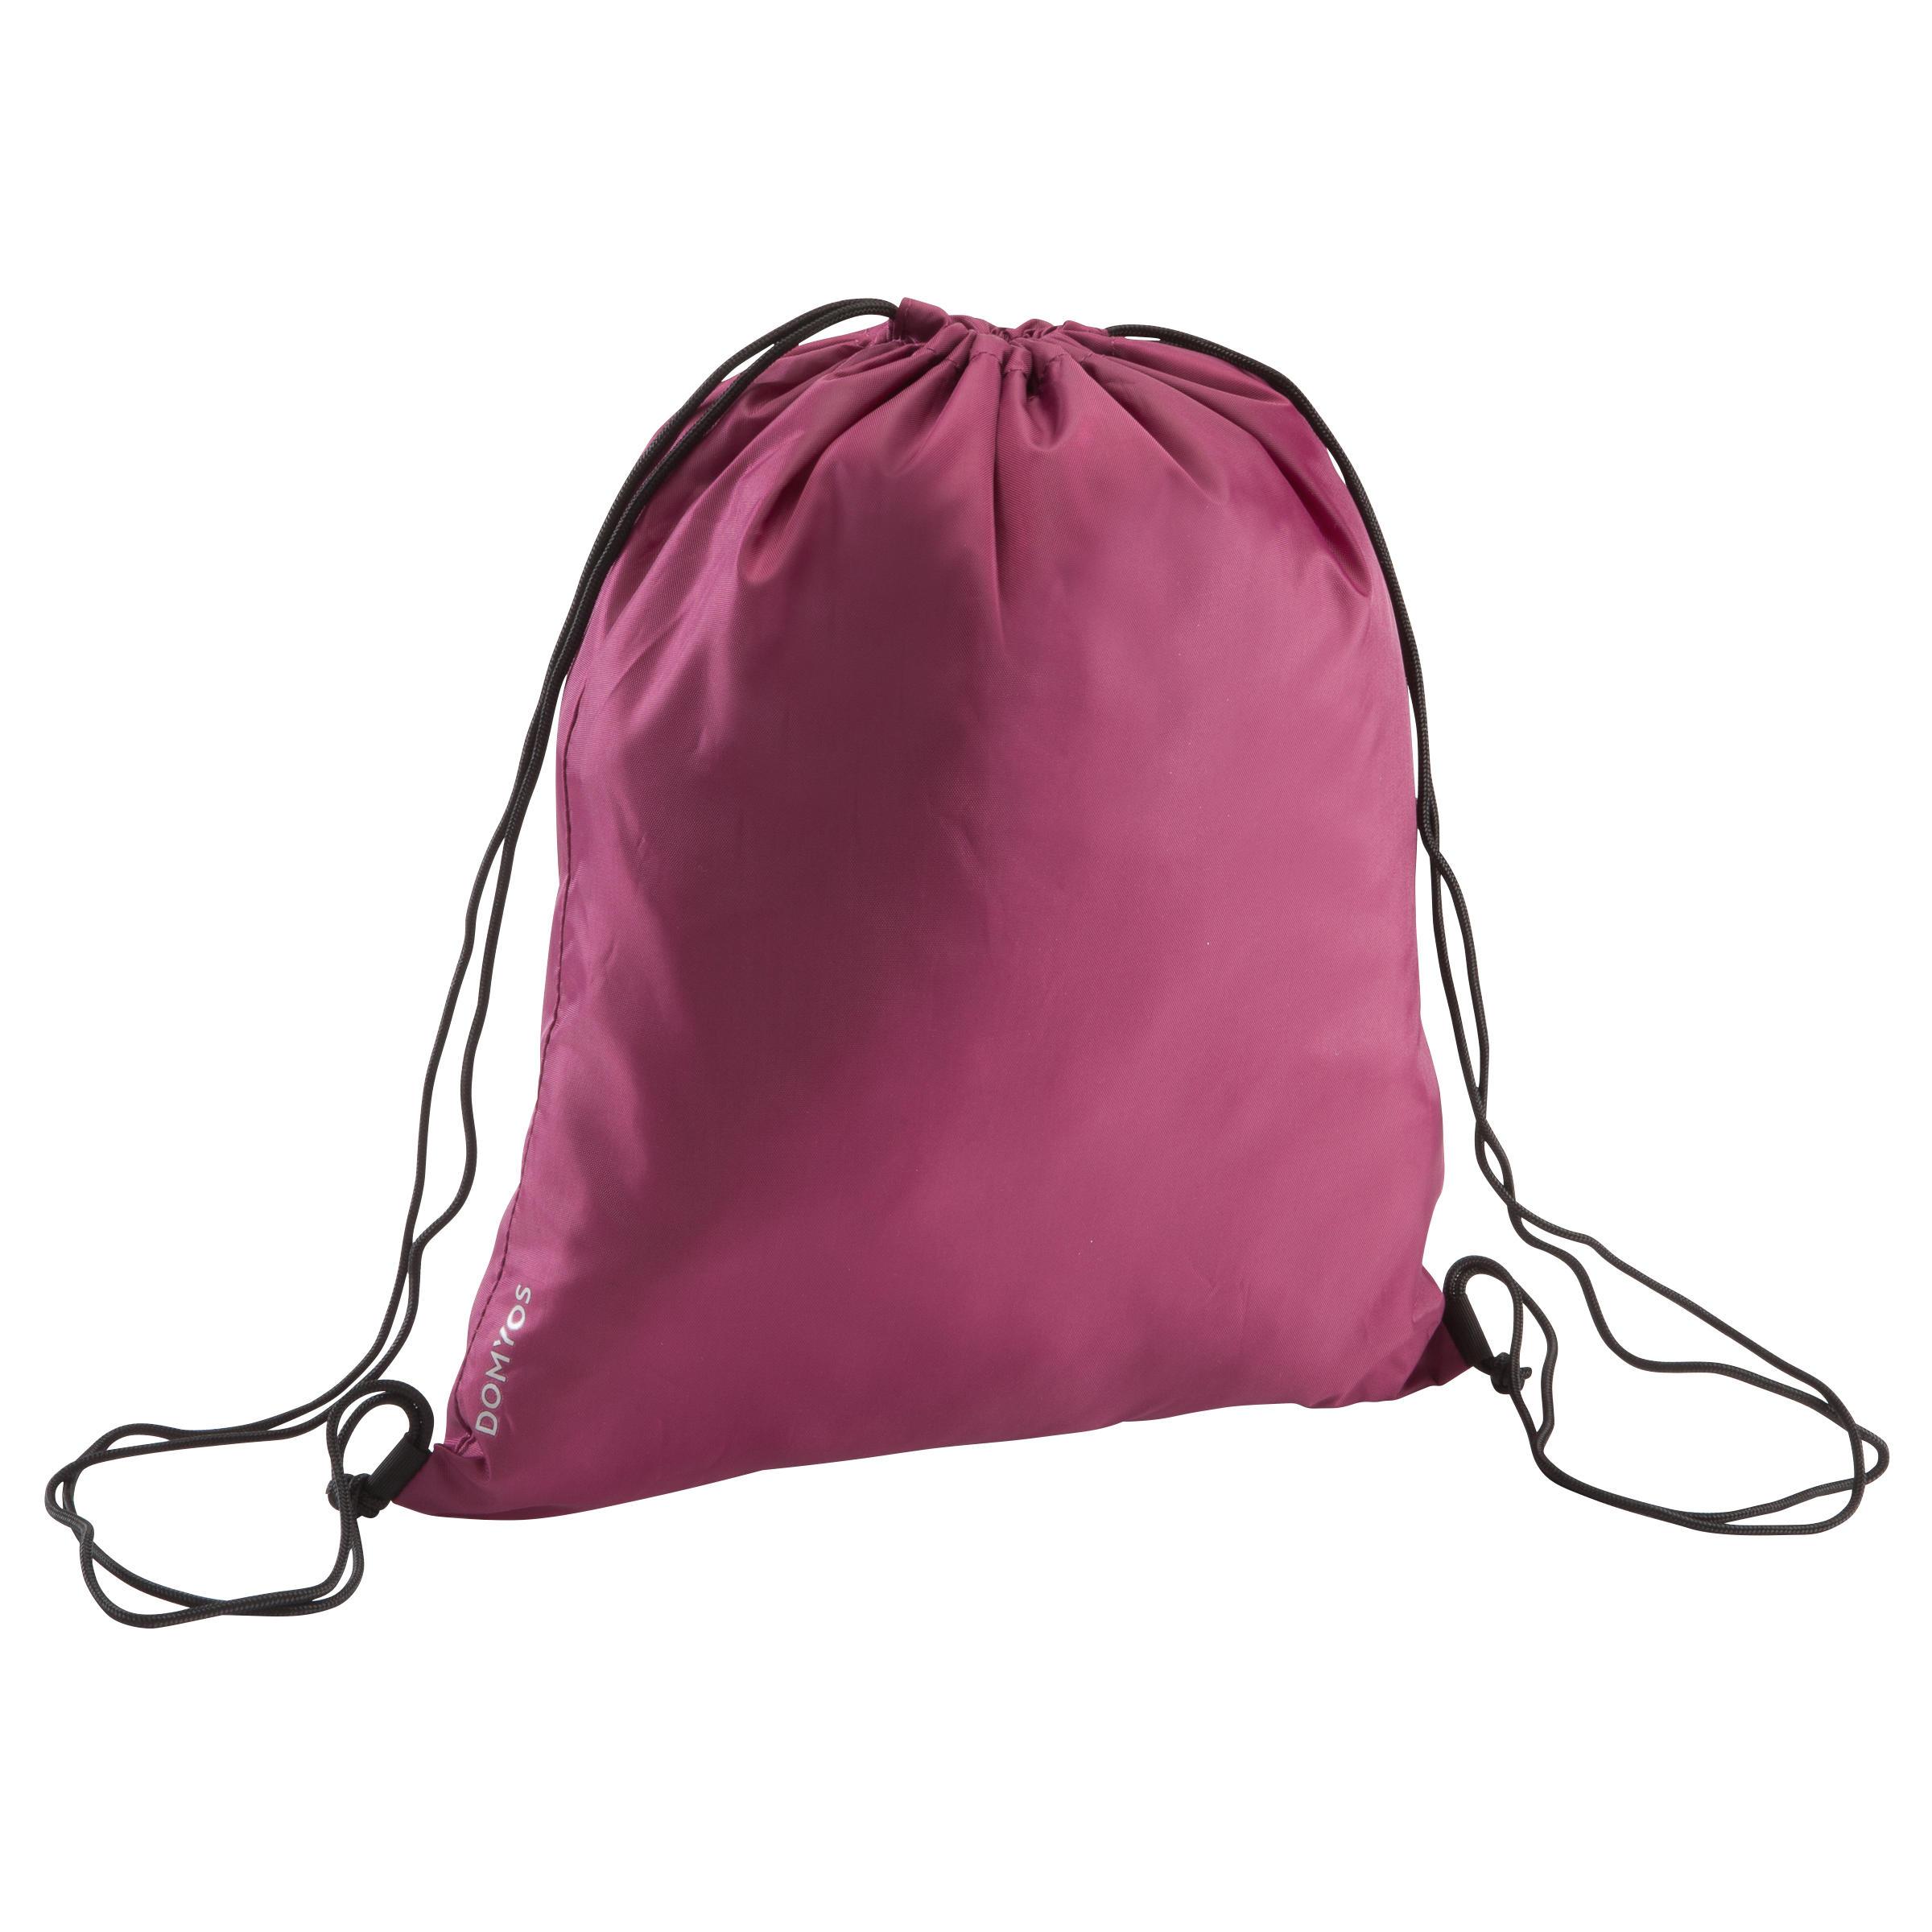 Foldable Fitness Shoe Bag - Black/Pink